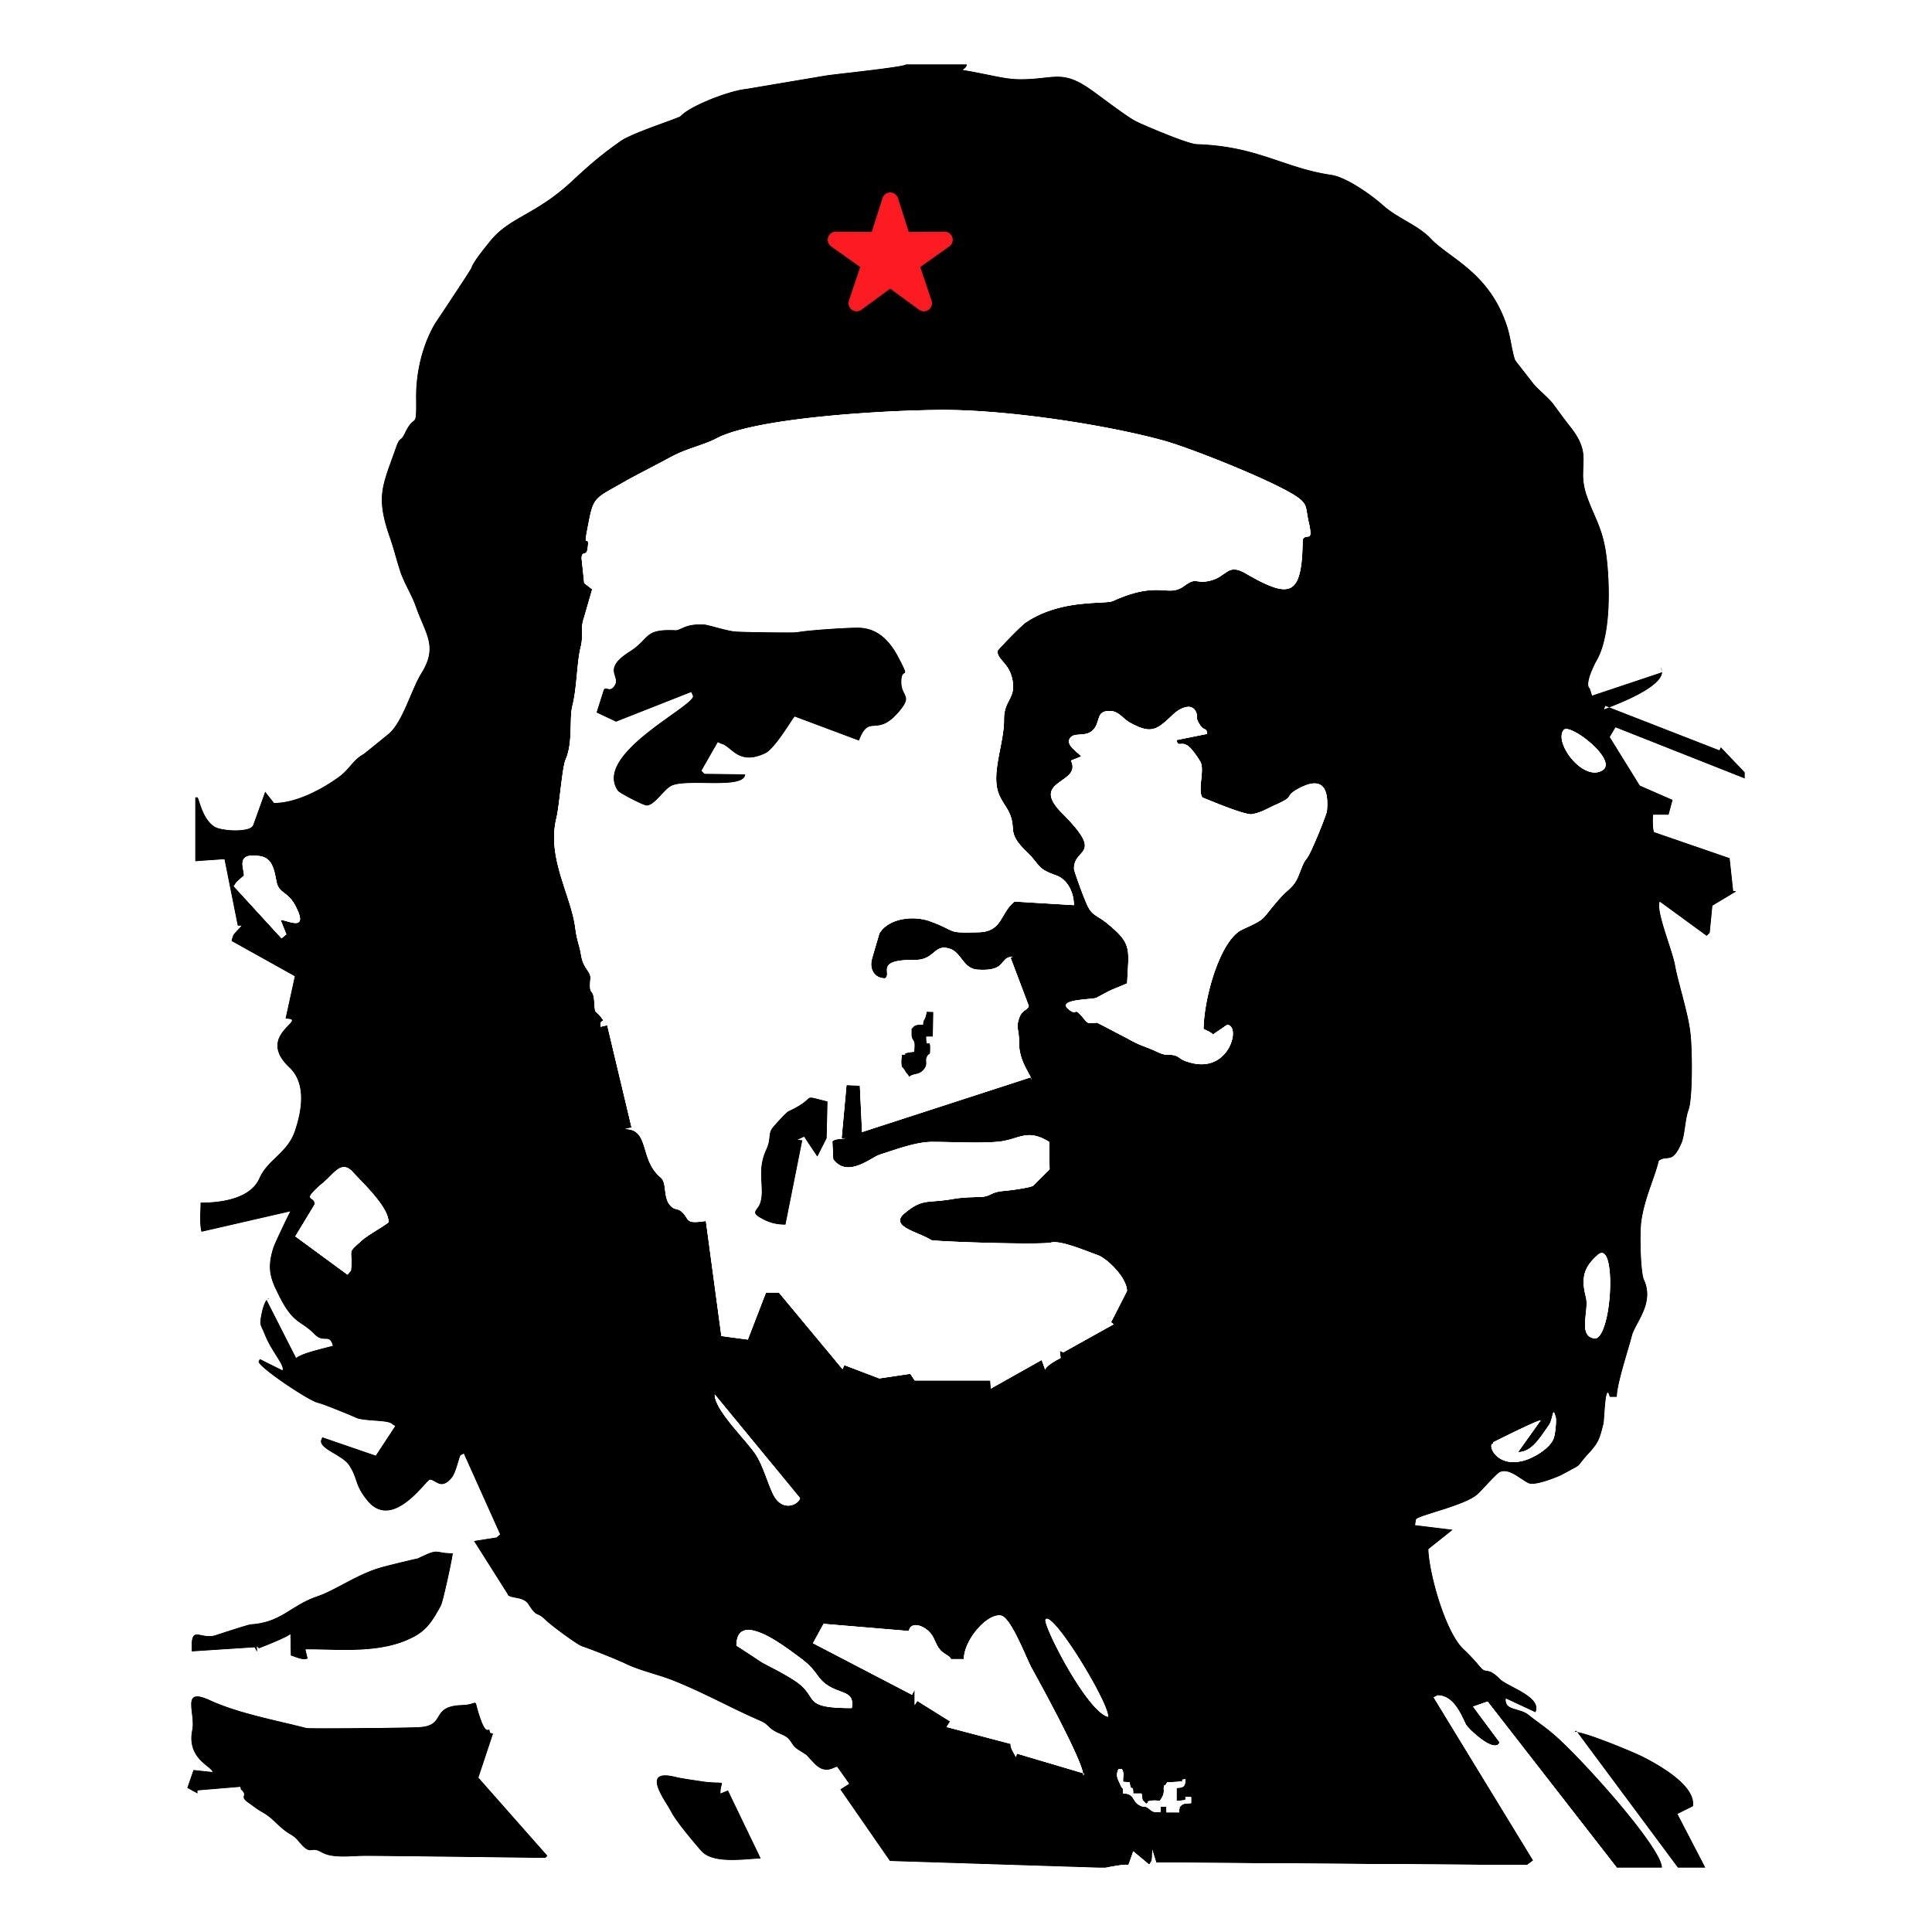 Adhesivo Che Guevara contorno 135 x 110 mm 001